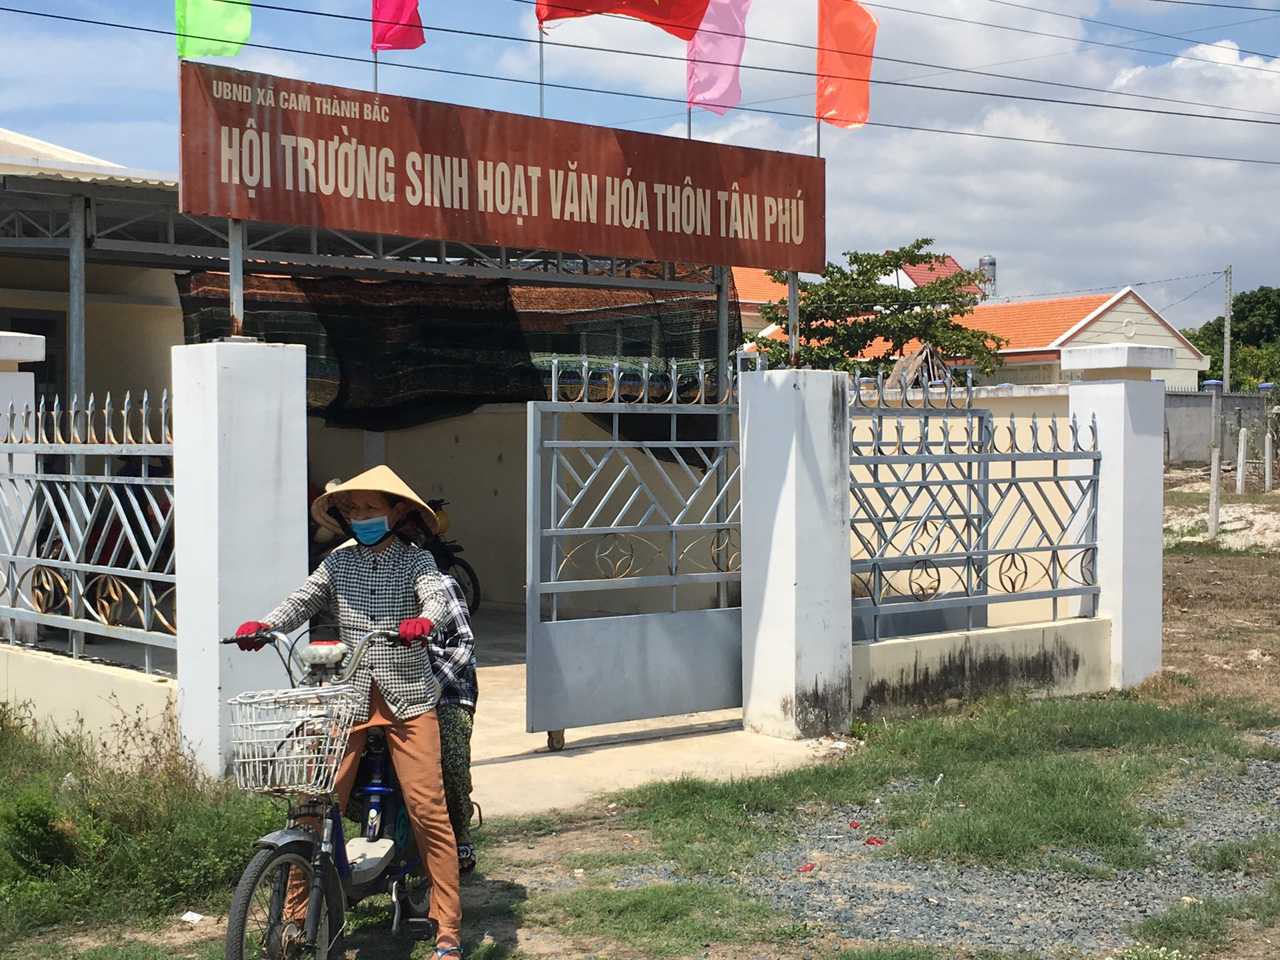 Khánh Hòa: Một doanh nghiệp bị tạm dừng phát quà tri ân cho người dân  - Ảnh 1.